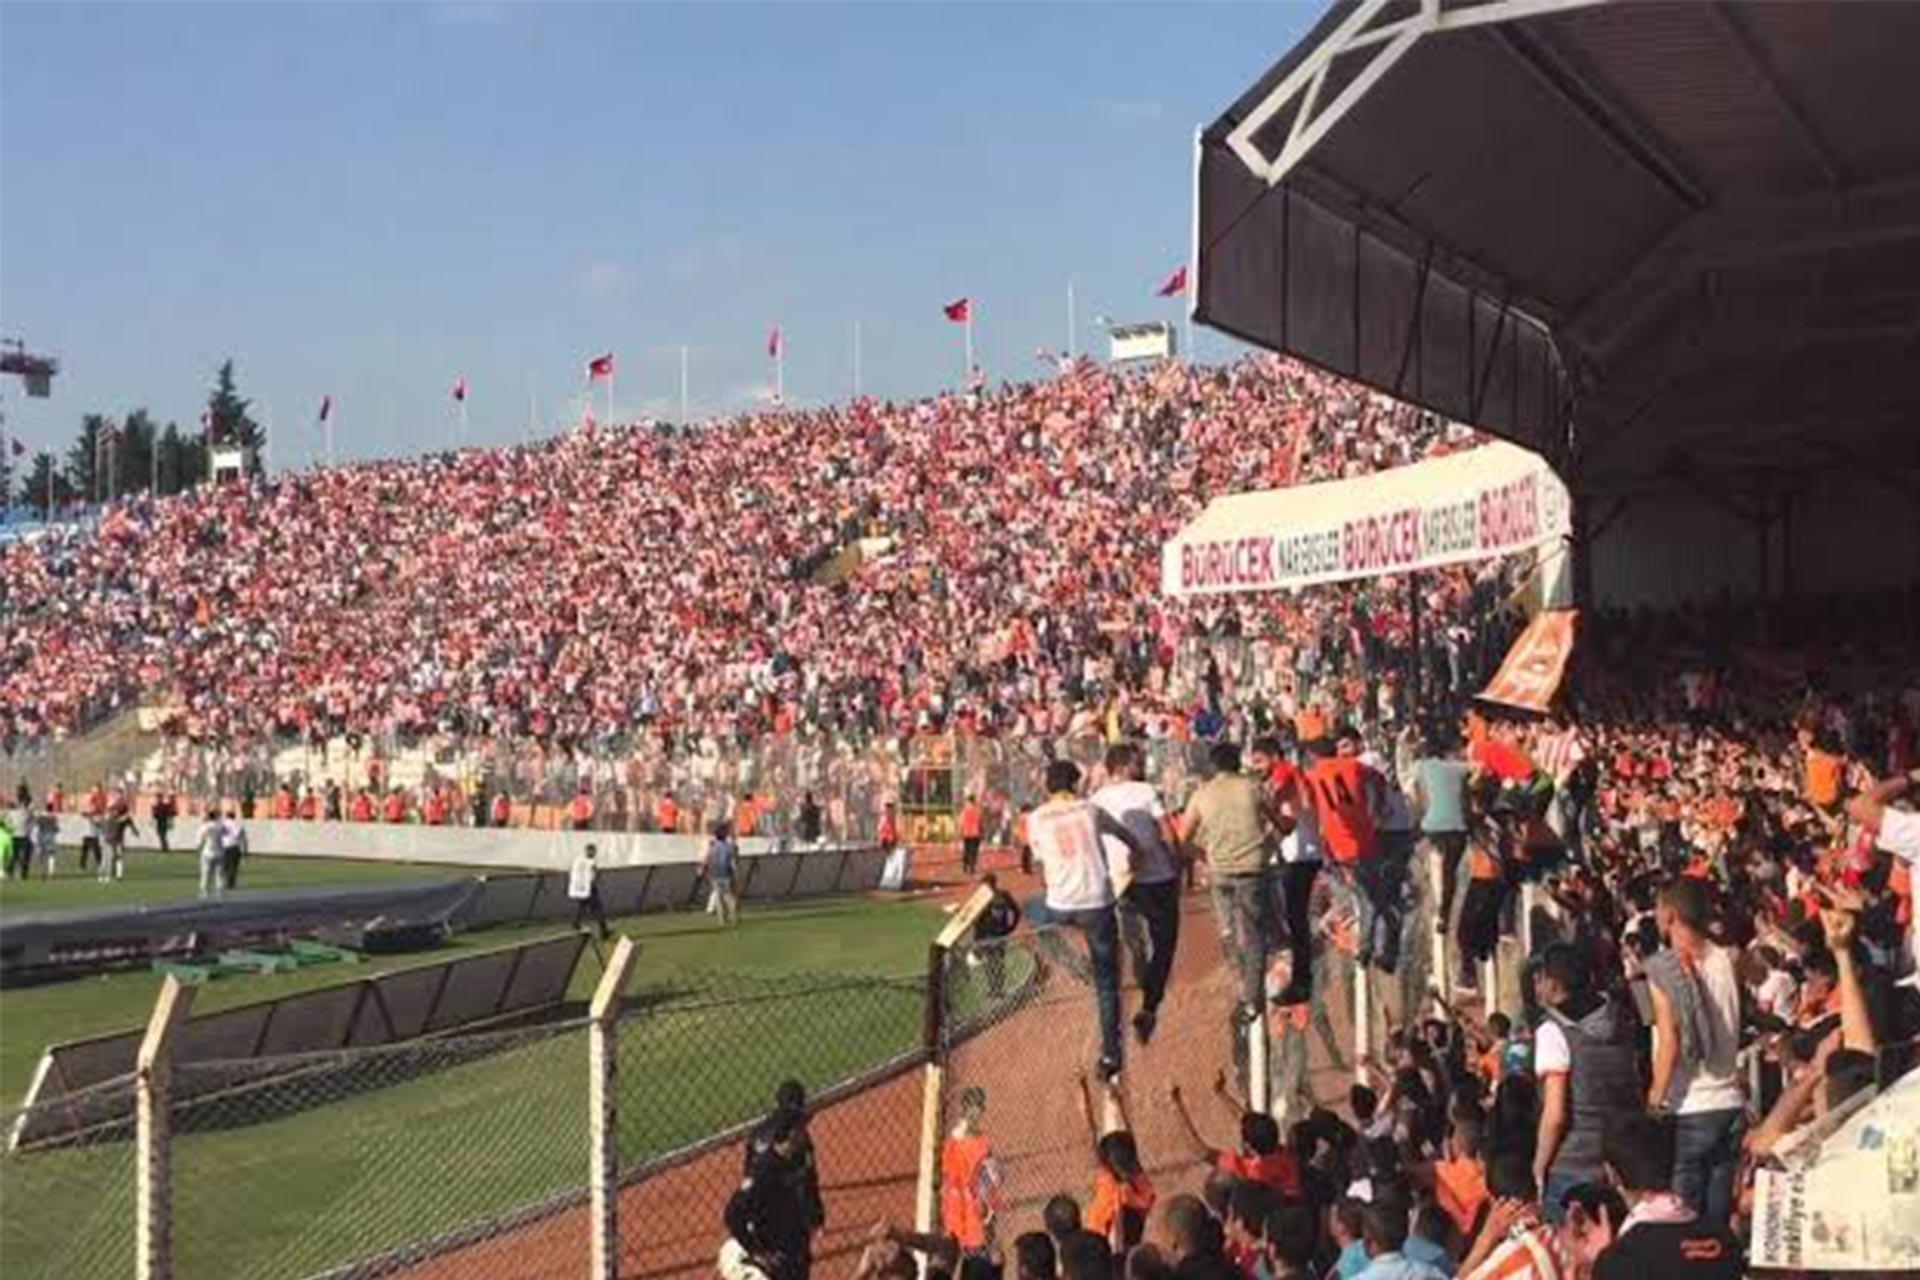 Adanaspor taraftar gruplarından Kaplanpenche'den uyuşturucunun kalesine gol